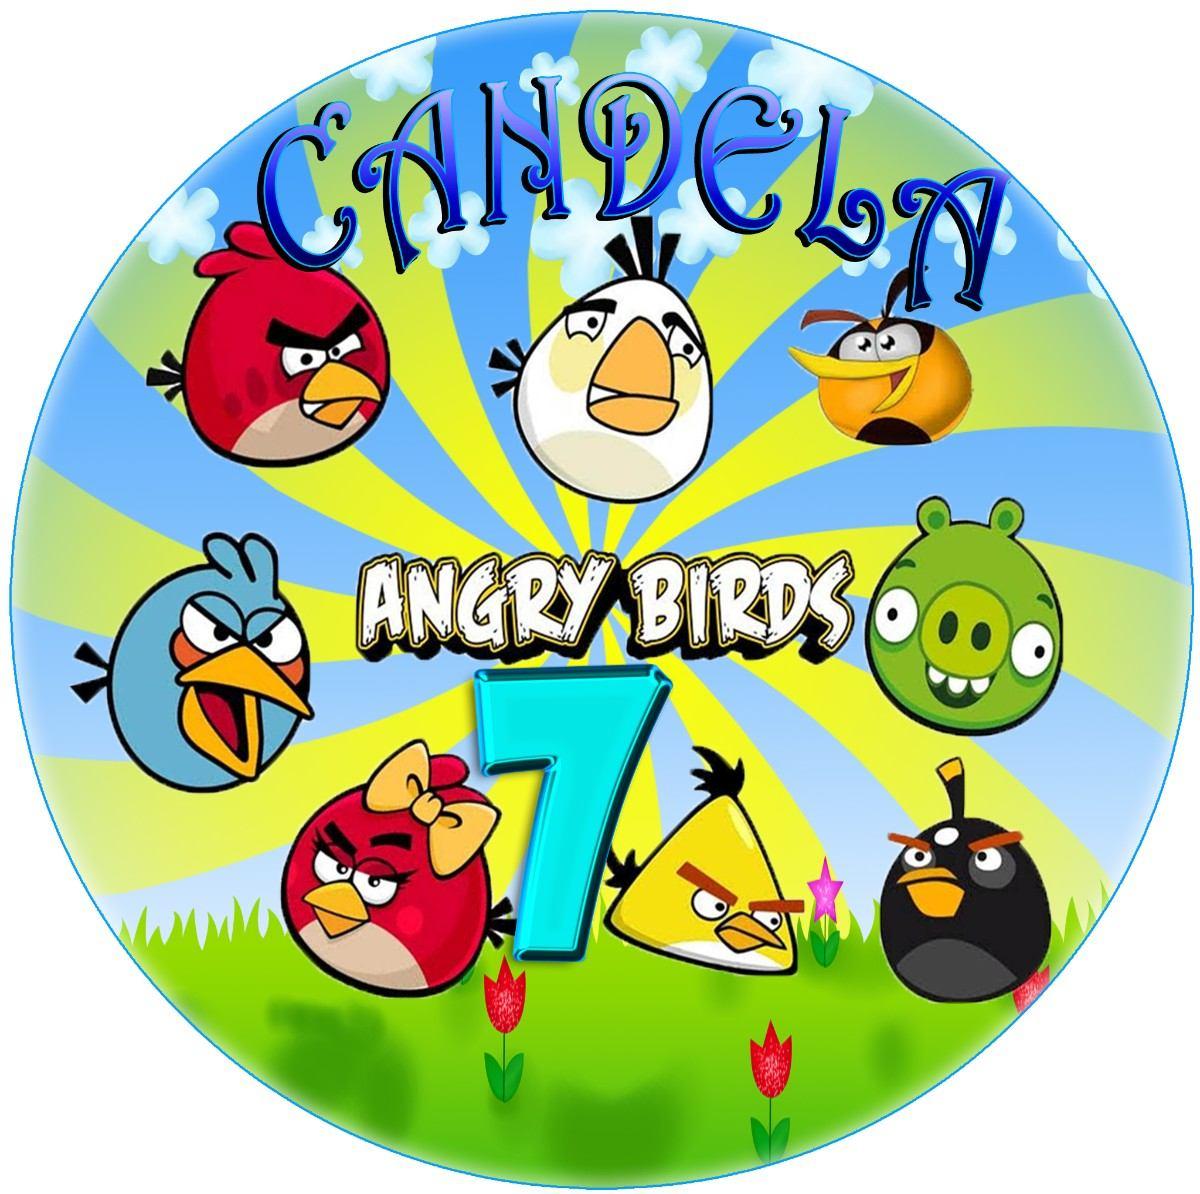 Imágenes Angry Birds Imprimible Etiquetas Plantillas - $ 39,19 en ...